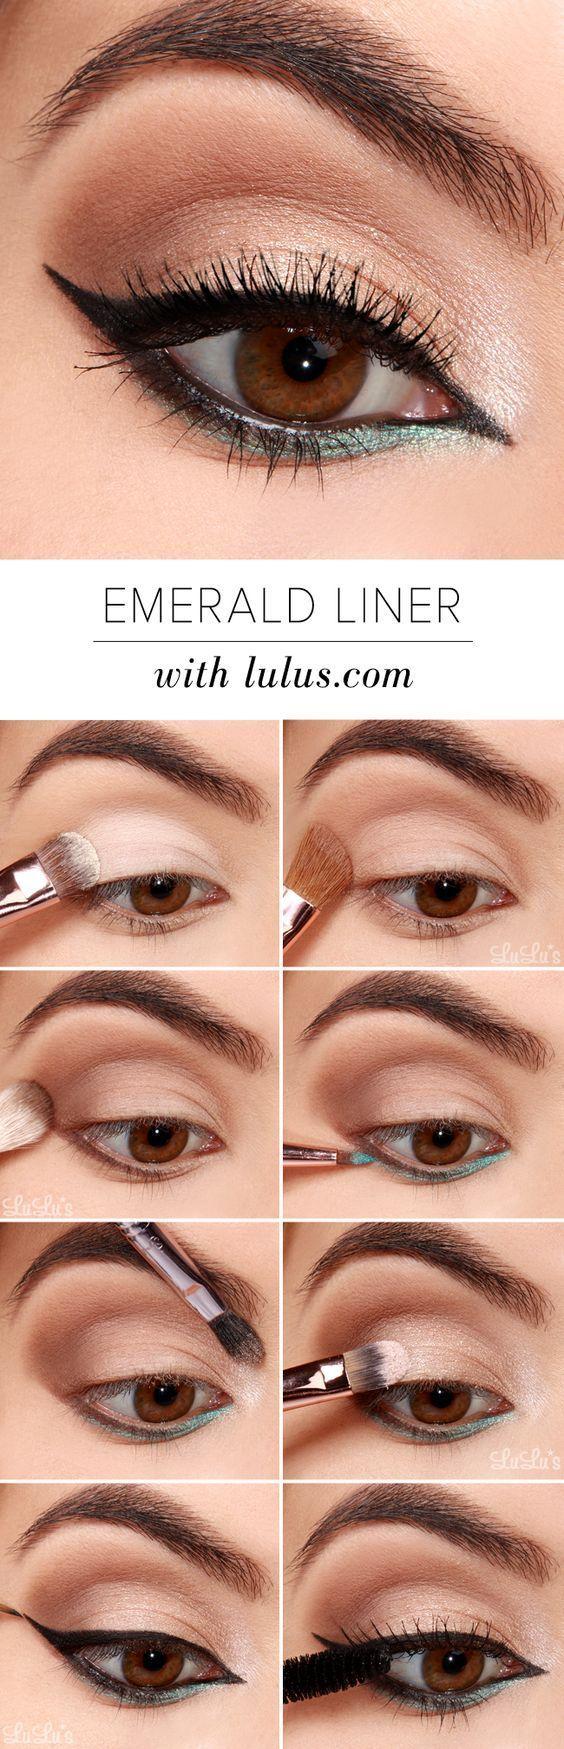 Black and Emerald Eyeliner Look – Simple Step By Step Eyeliner Tutorials For Beginners